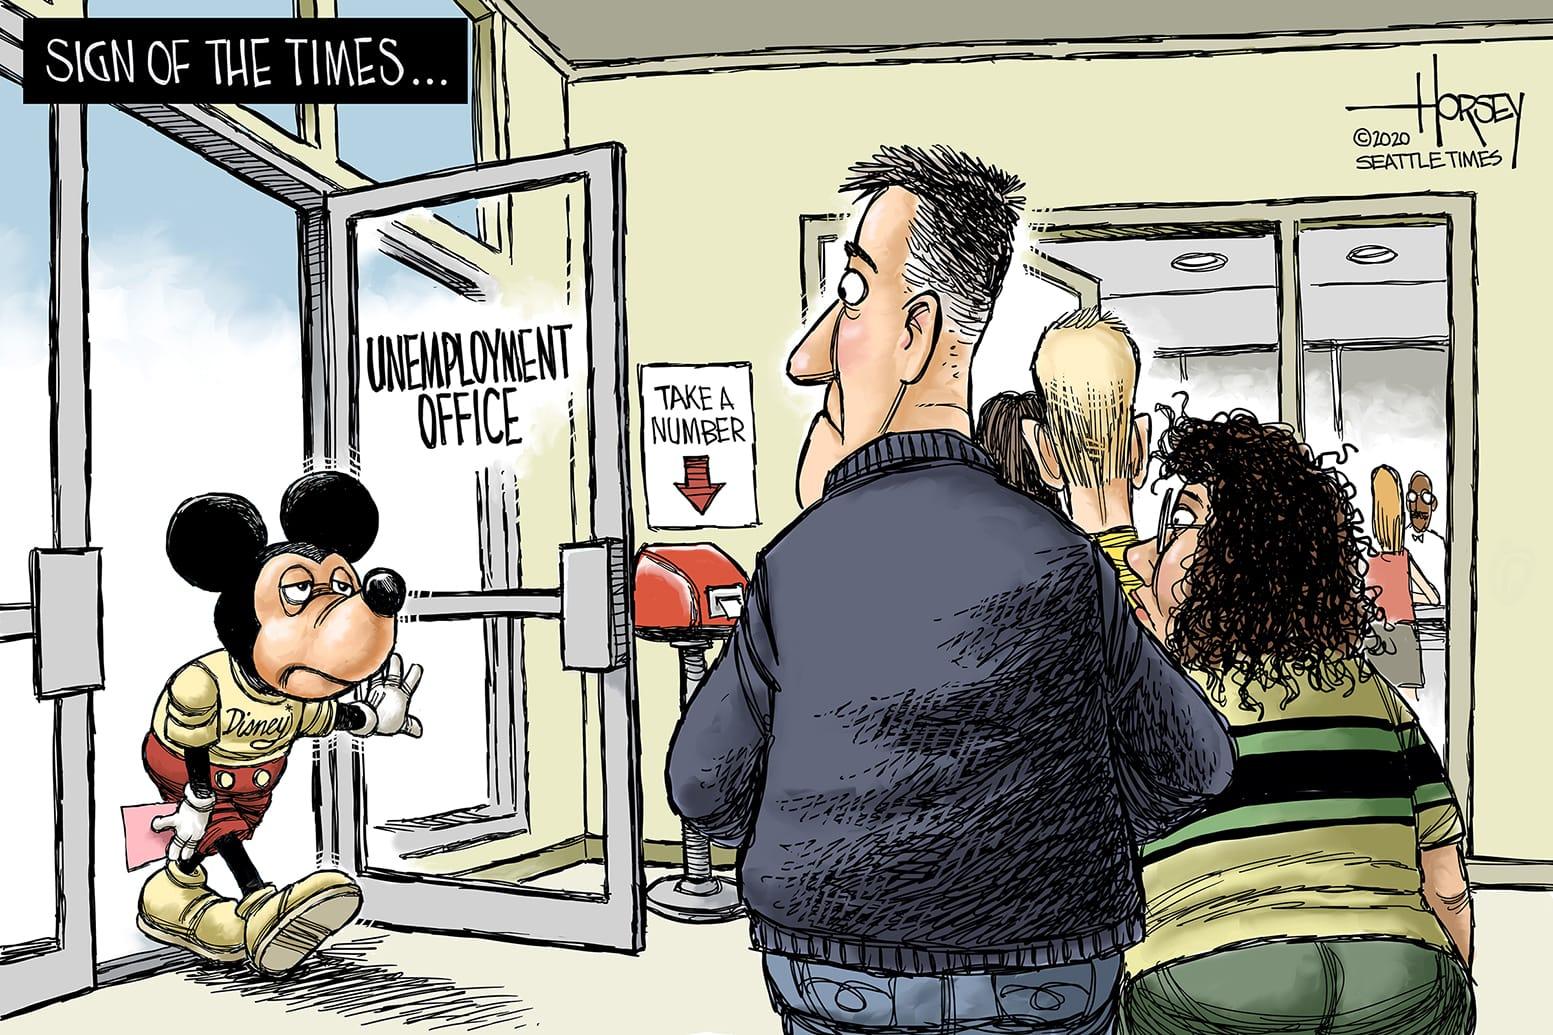 Oct. 3: Disney Layoffs